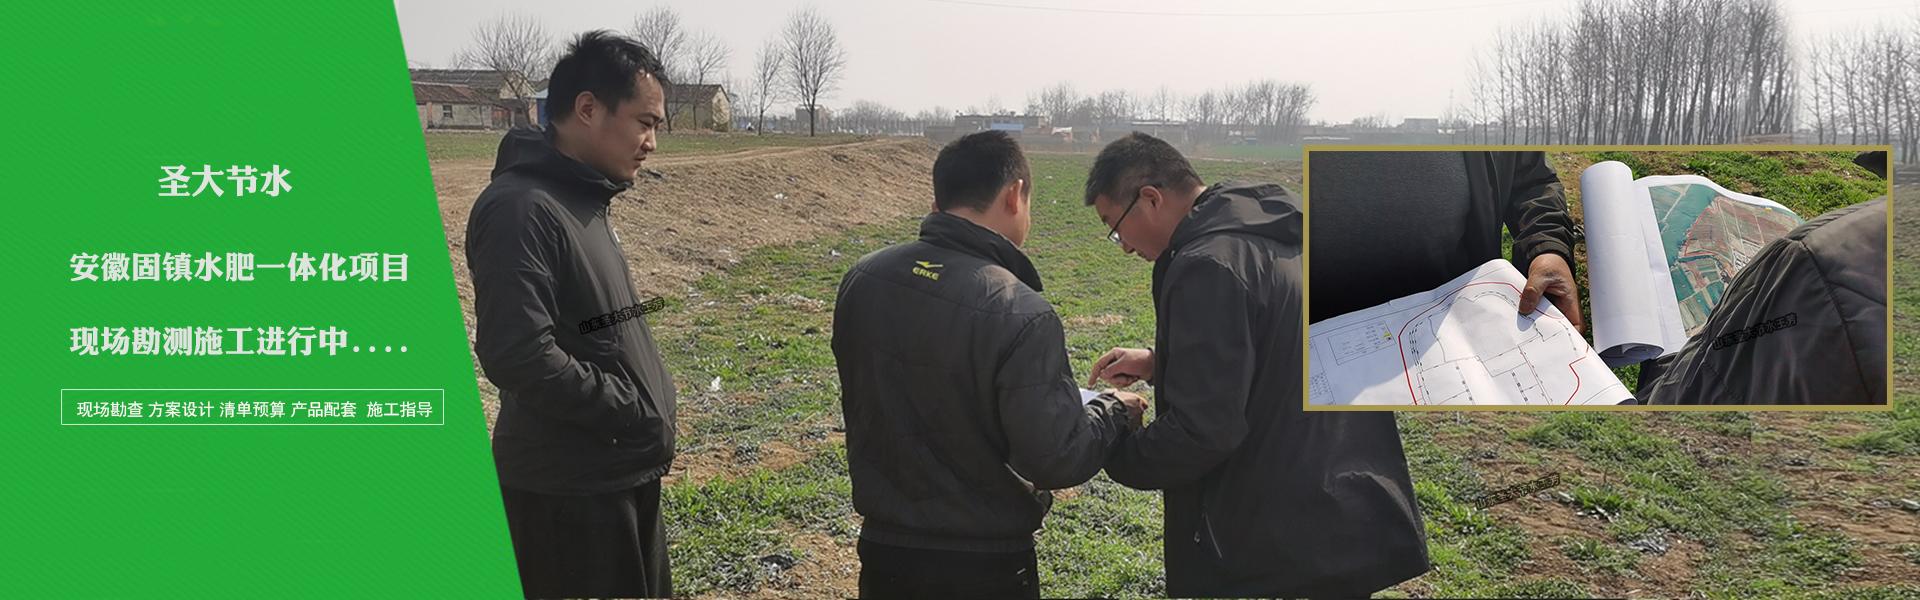 安徽固镇水肥一体化项目施工